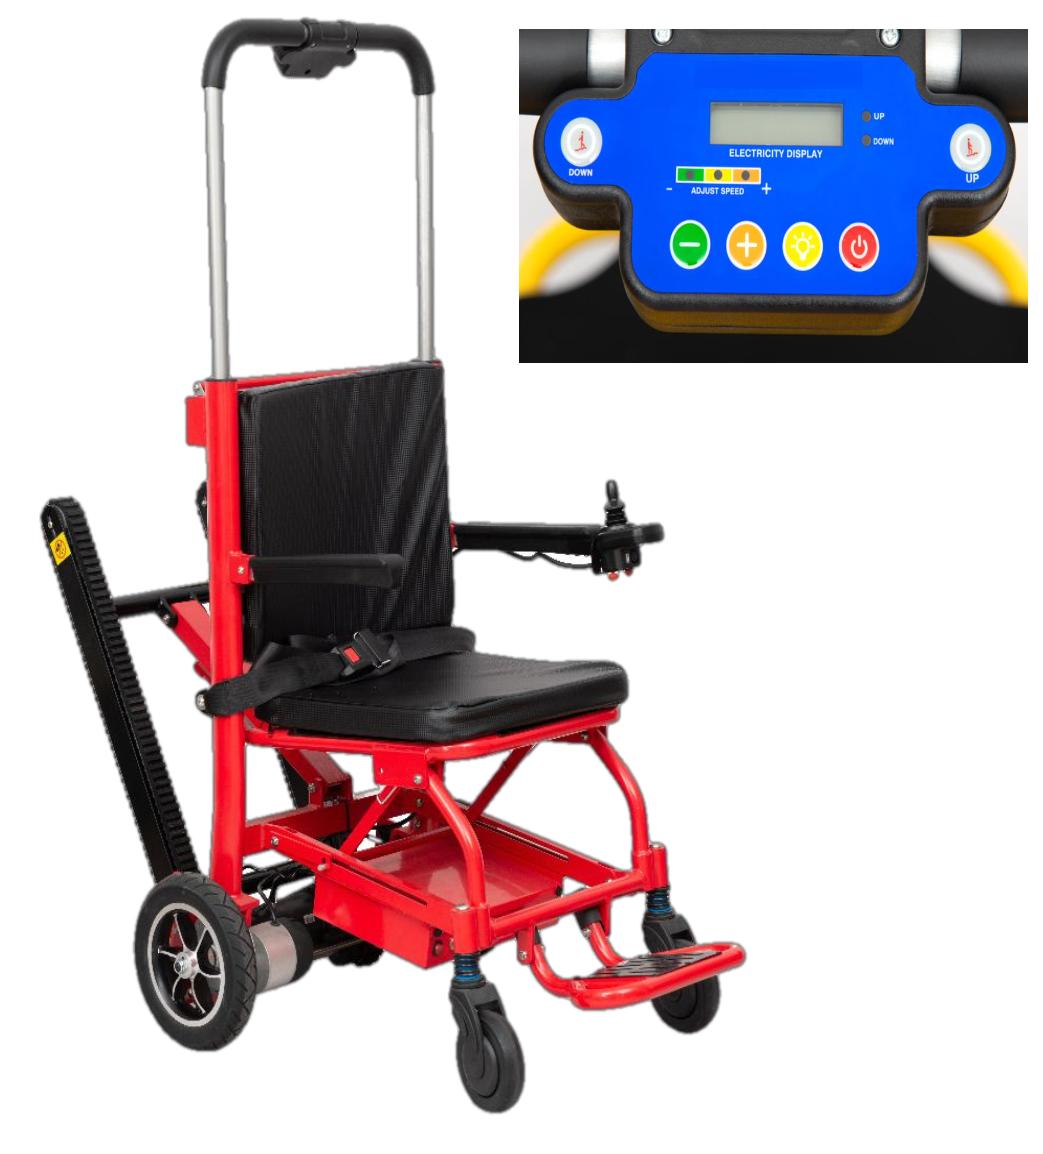 Лестничный электро подъемник-коляска для инвалидов MIRID SW02. Функция электроколяски.